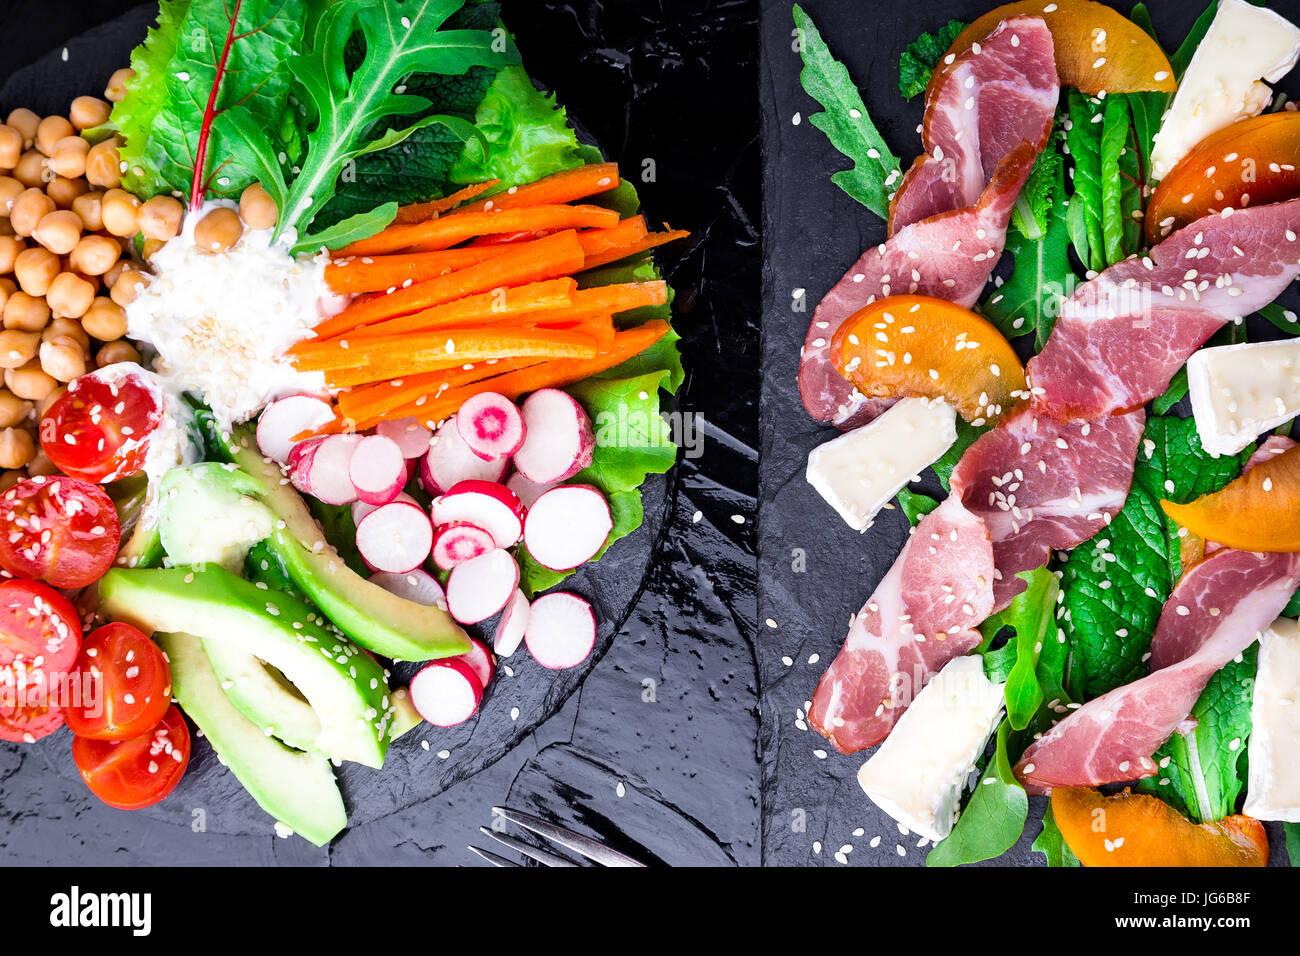 Deux différentes salades om ardoise noire. Salade vegan. Une salade de viande. Salade avec du jambon jamon Photo Stock